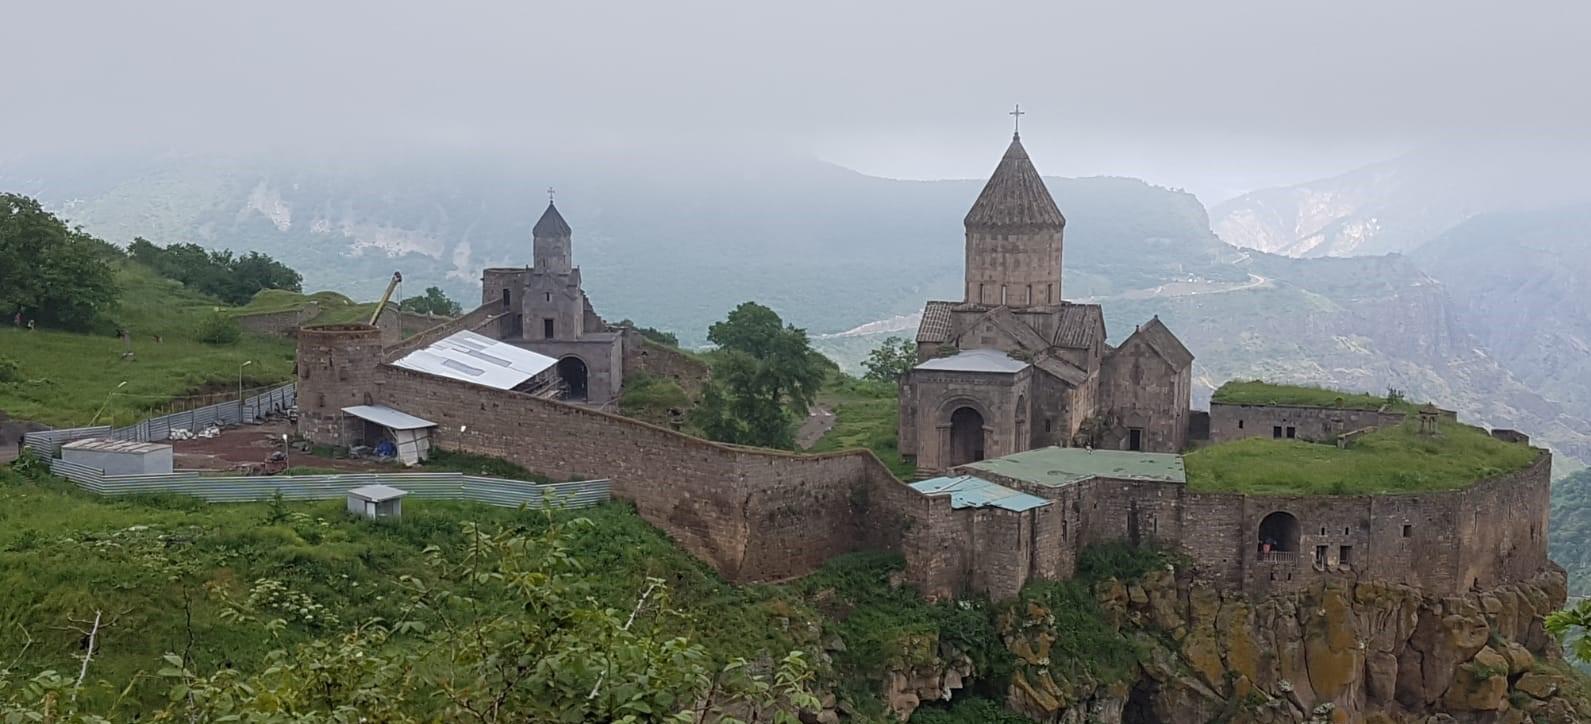 Tatevin luostari Armenian vuorilla